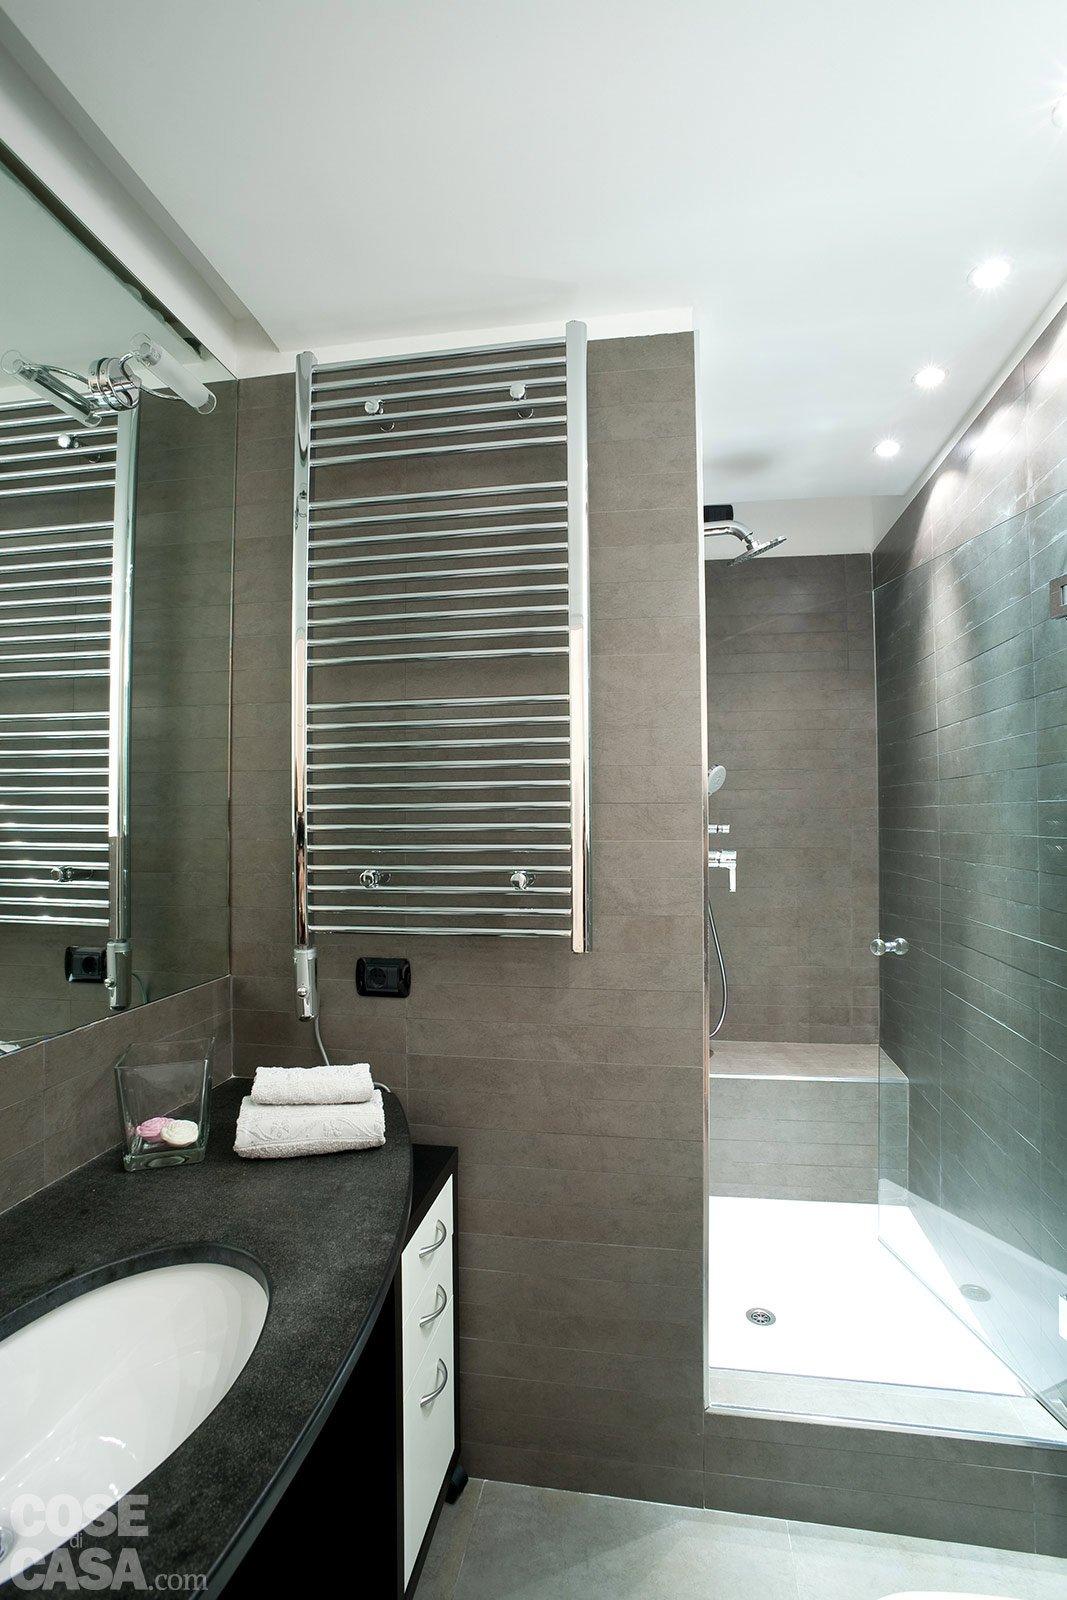 Una casa mini con curve e nicchie risolutive cose di casa - Nicchie in bagno ...